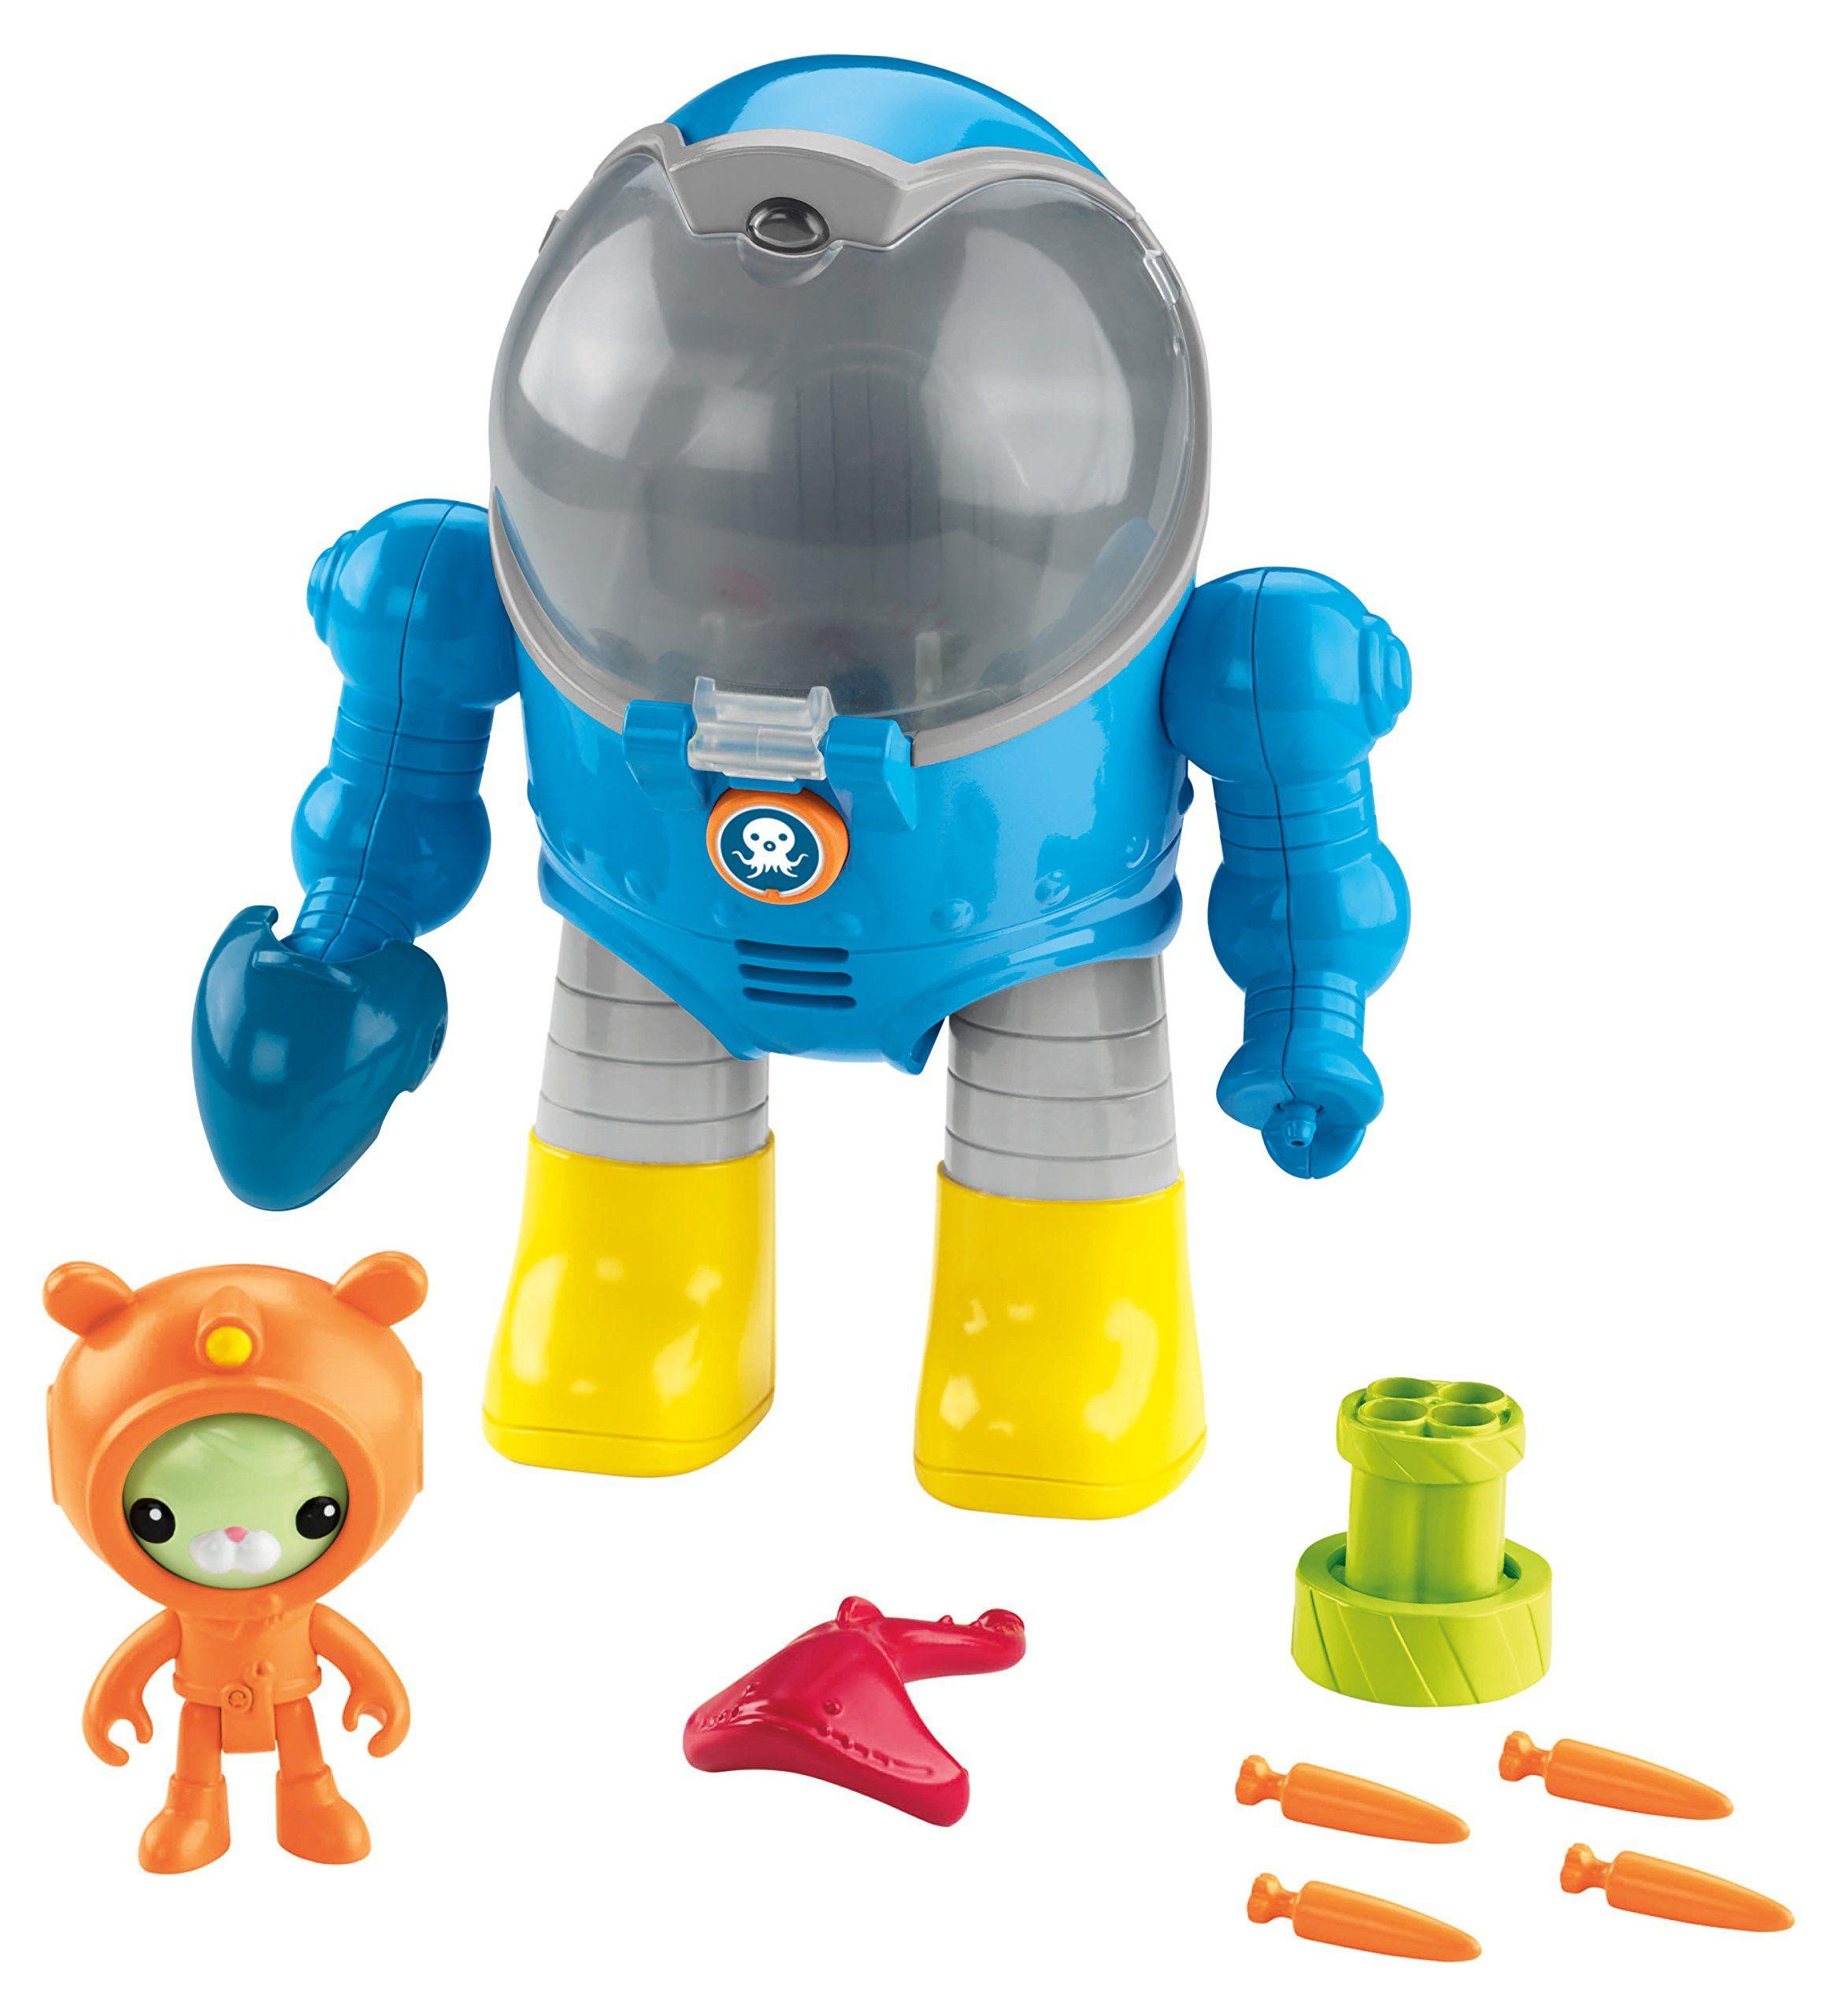 couleur attrayante styles frais commercialisable Octonauts Tweak's Octo Max Suit | Jeu jouet